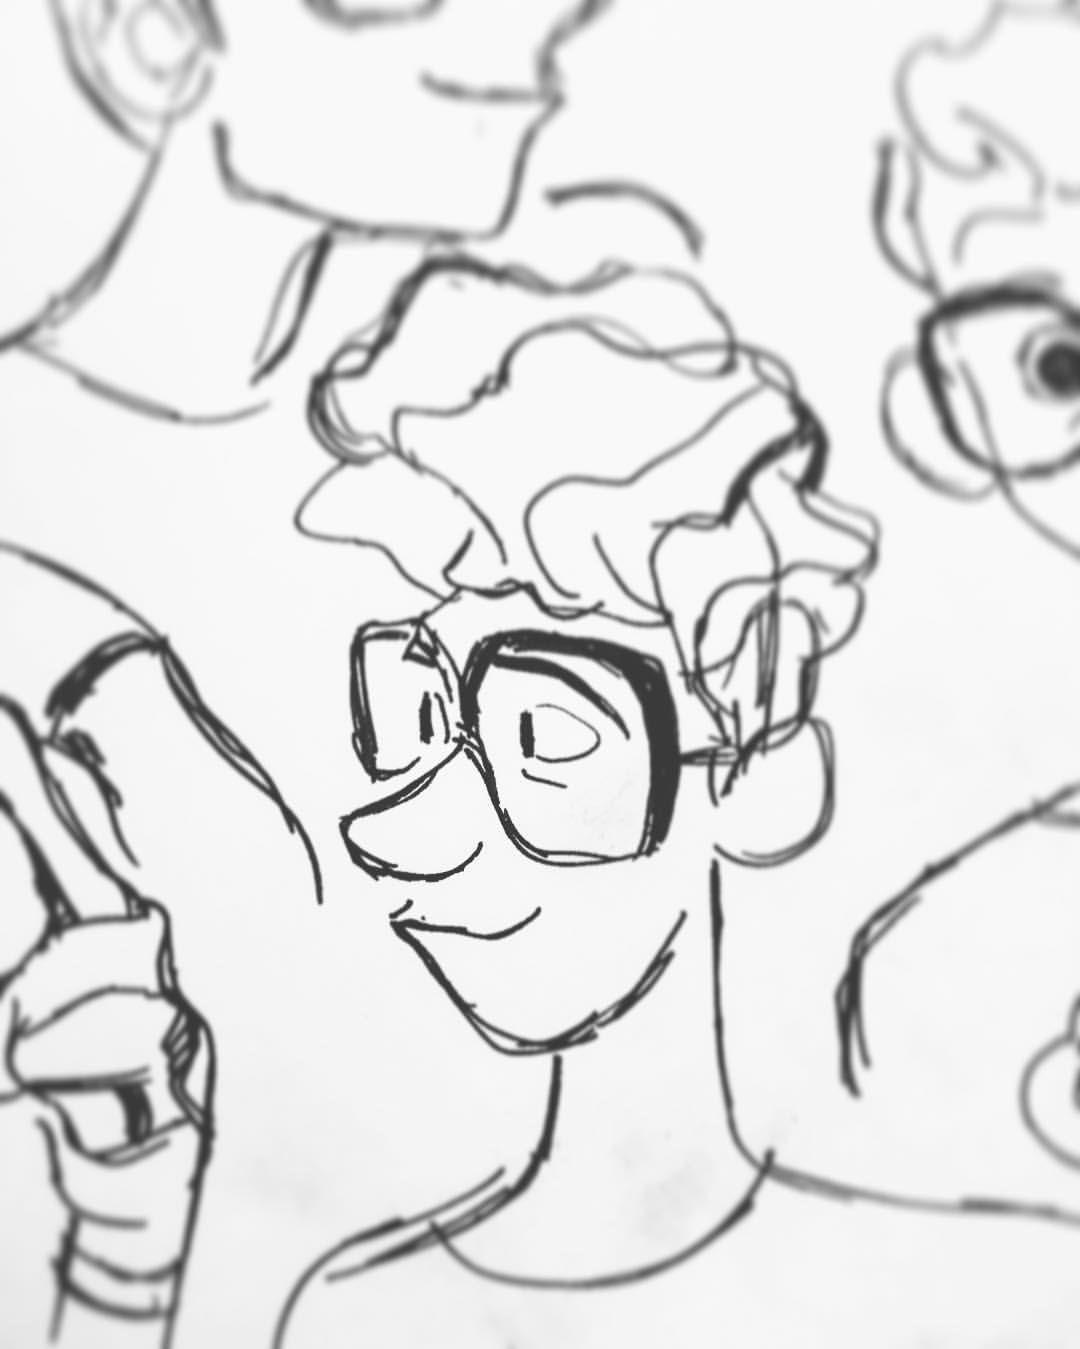 Meeting sketch ✏️